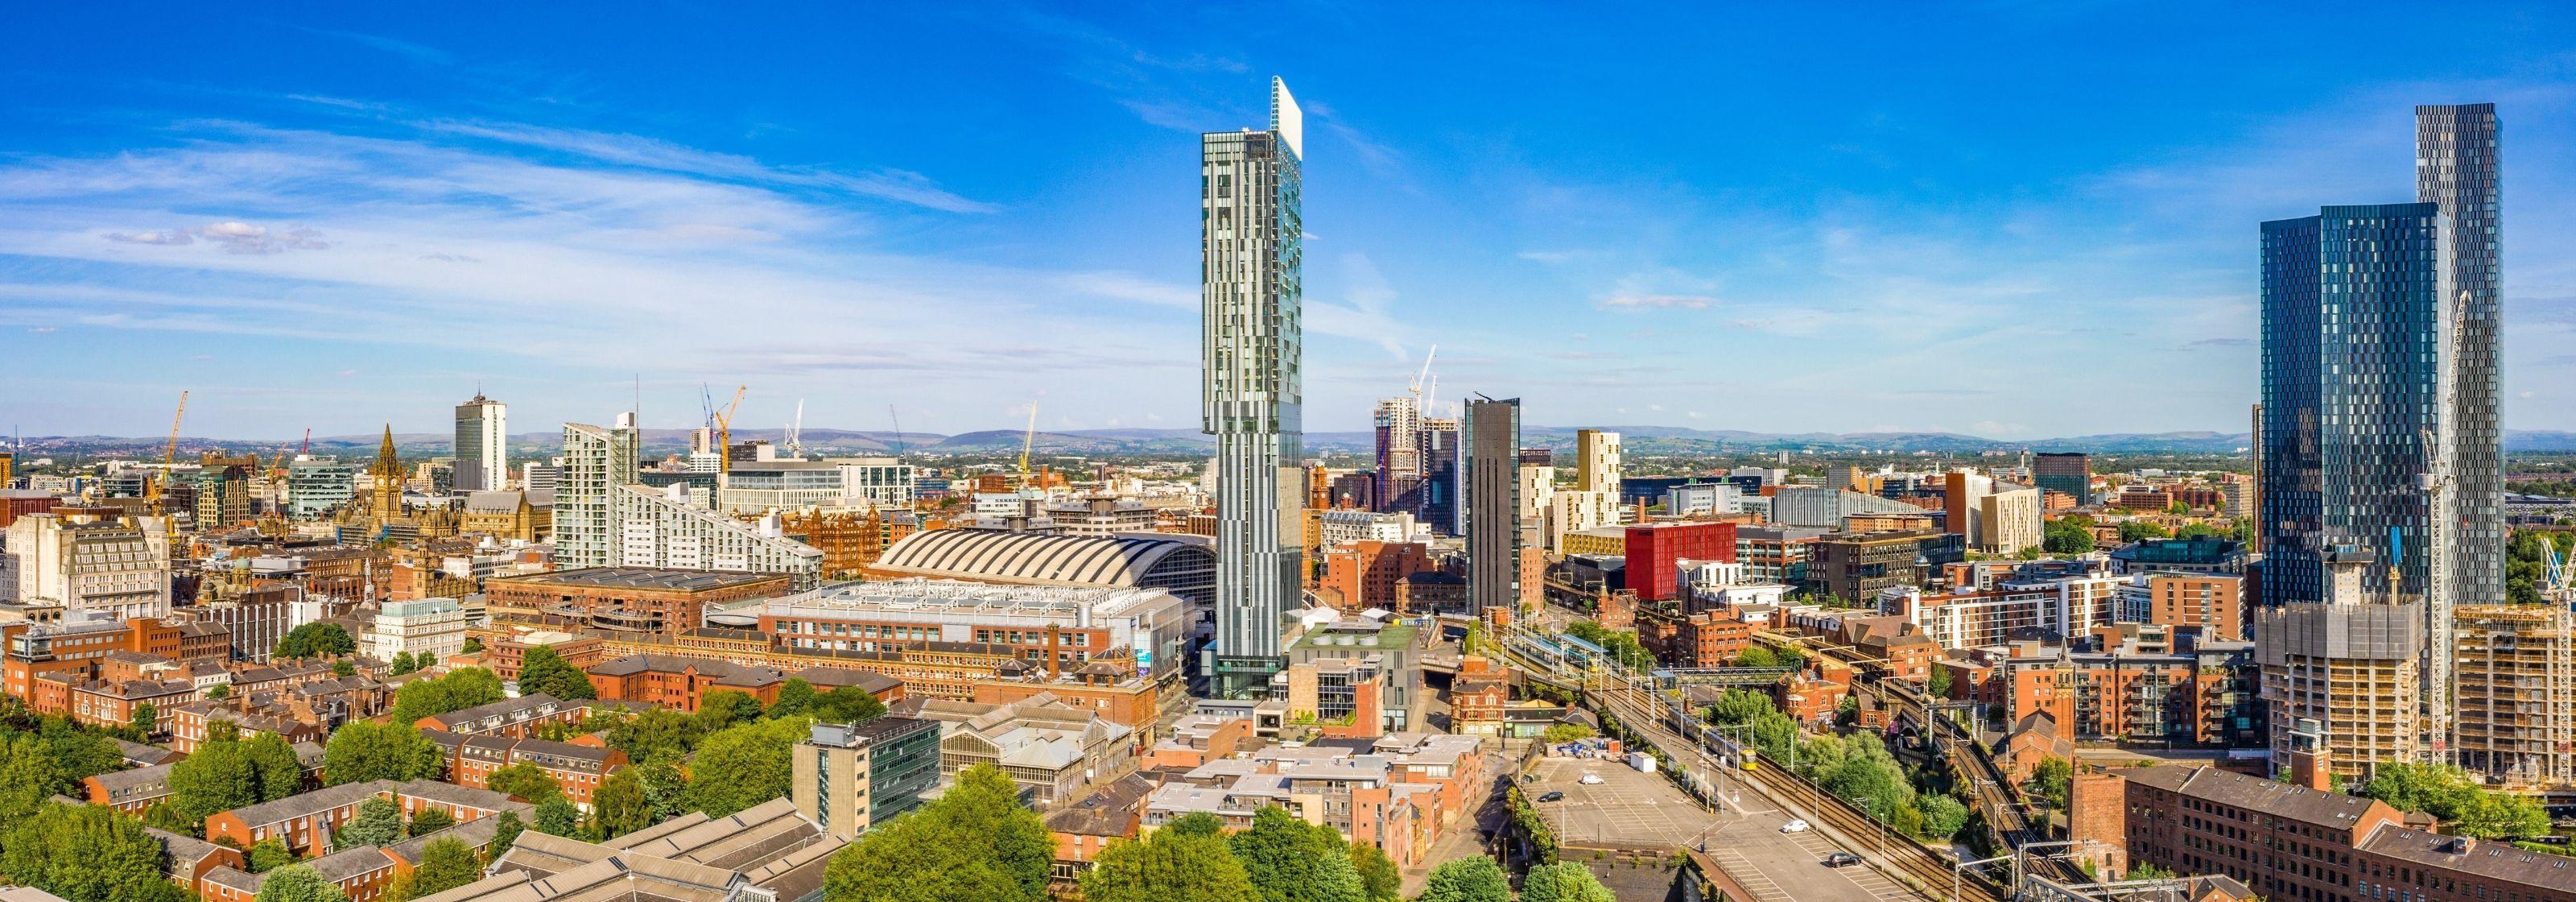 Aktivitäten in Manchester